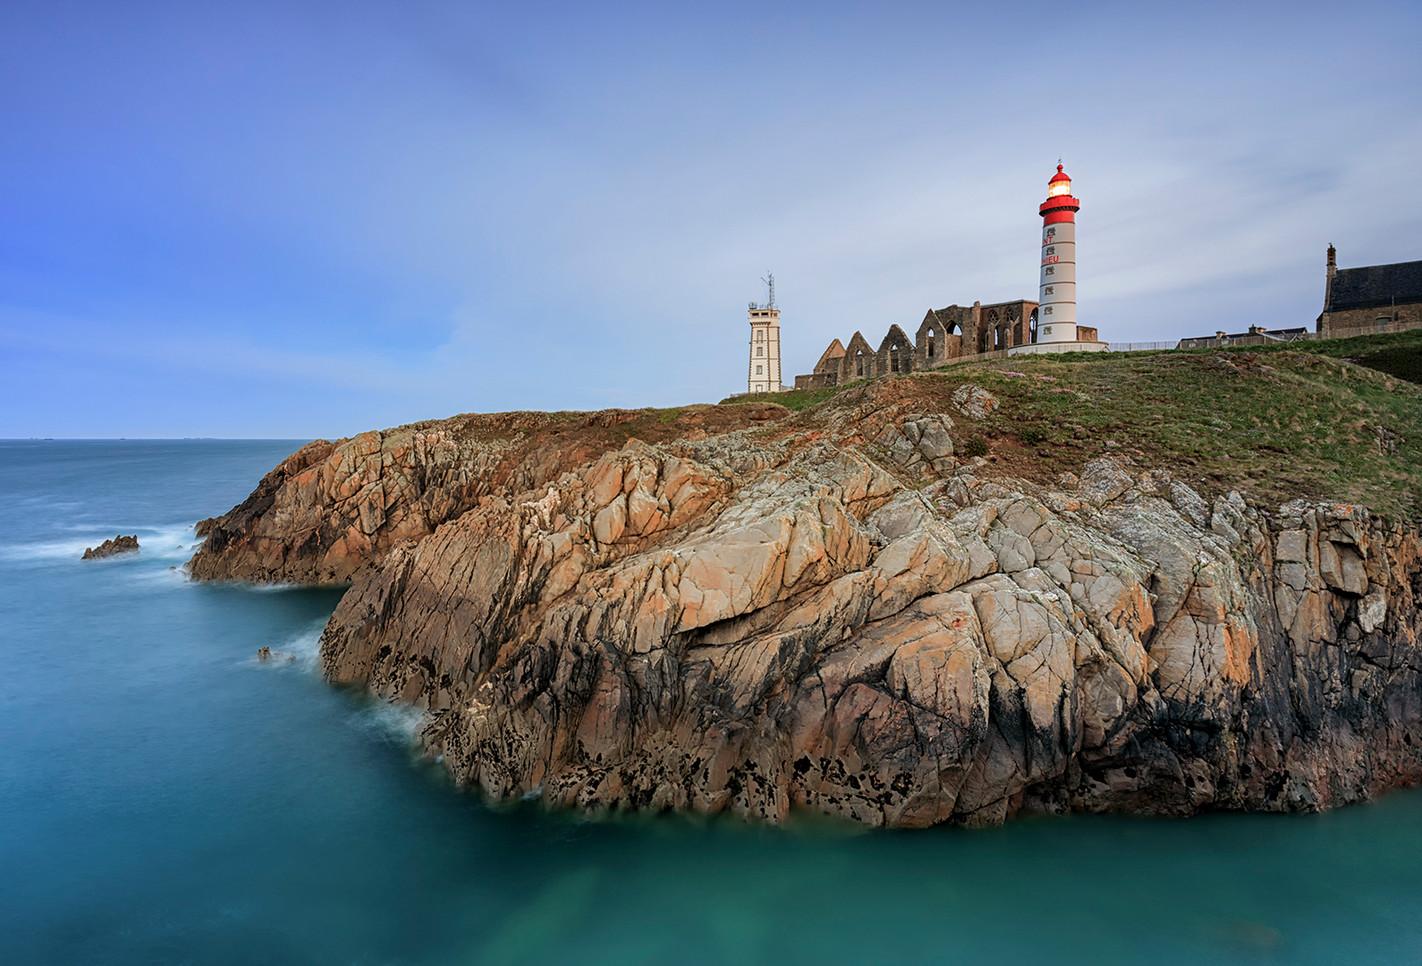 Saint-Mathiue Lighthouse